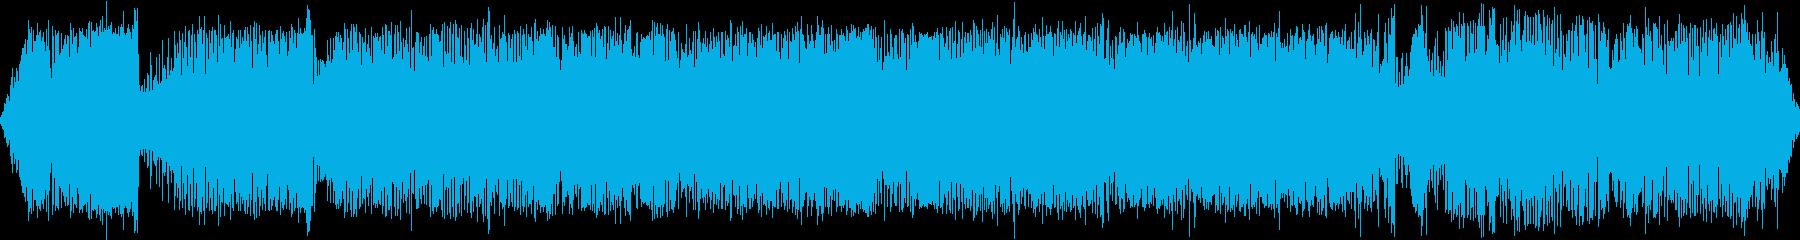 蒸気機関車の走行音の再生済みの波形